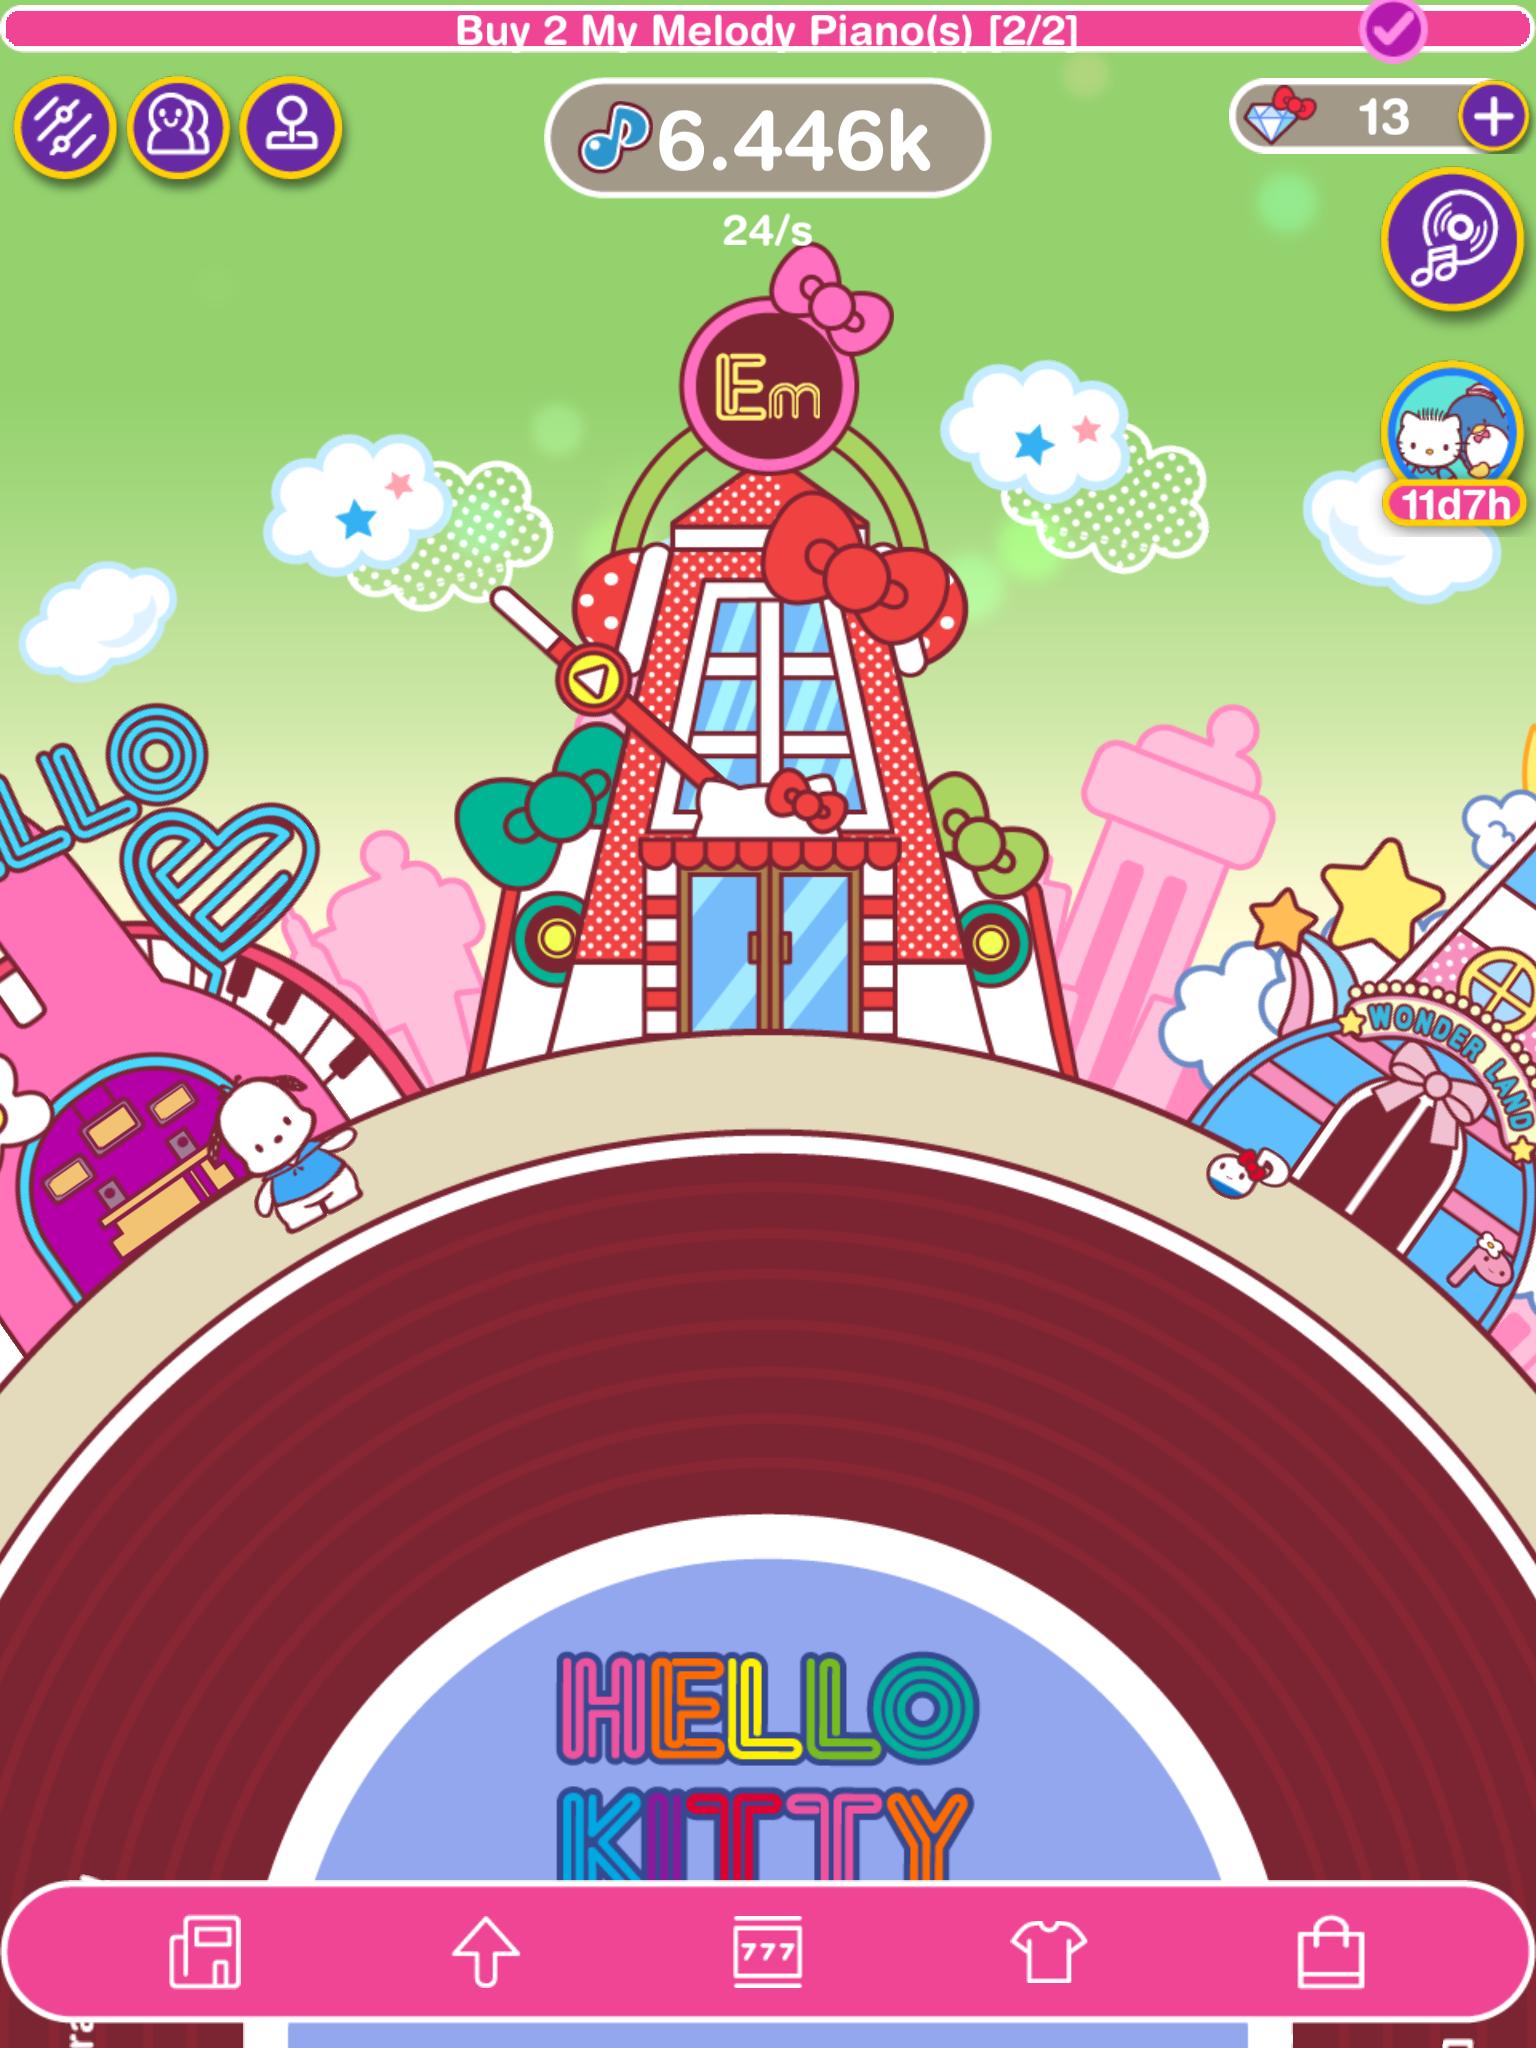 Hello Kitty Music Party icon